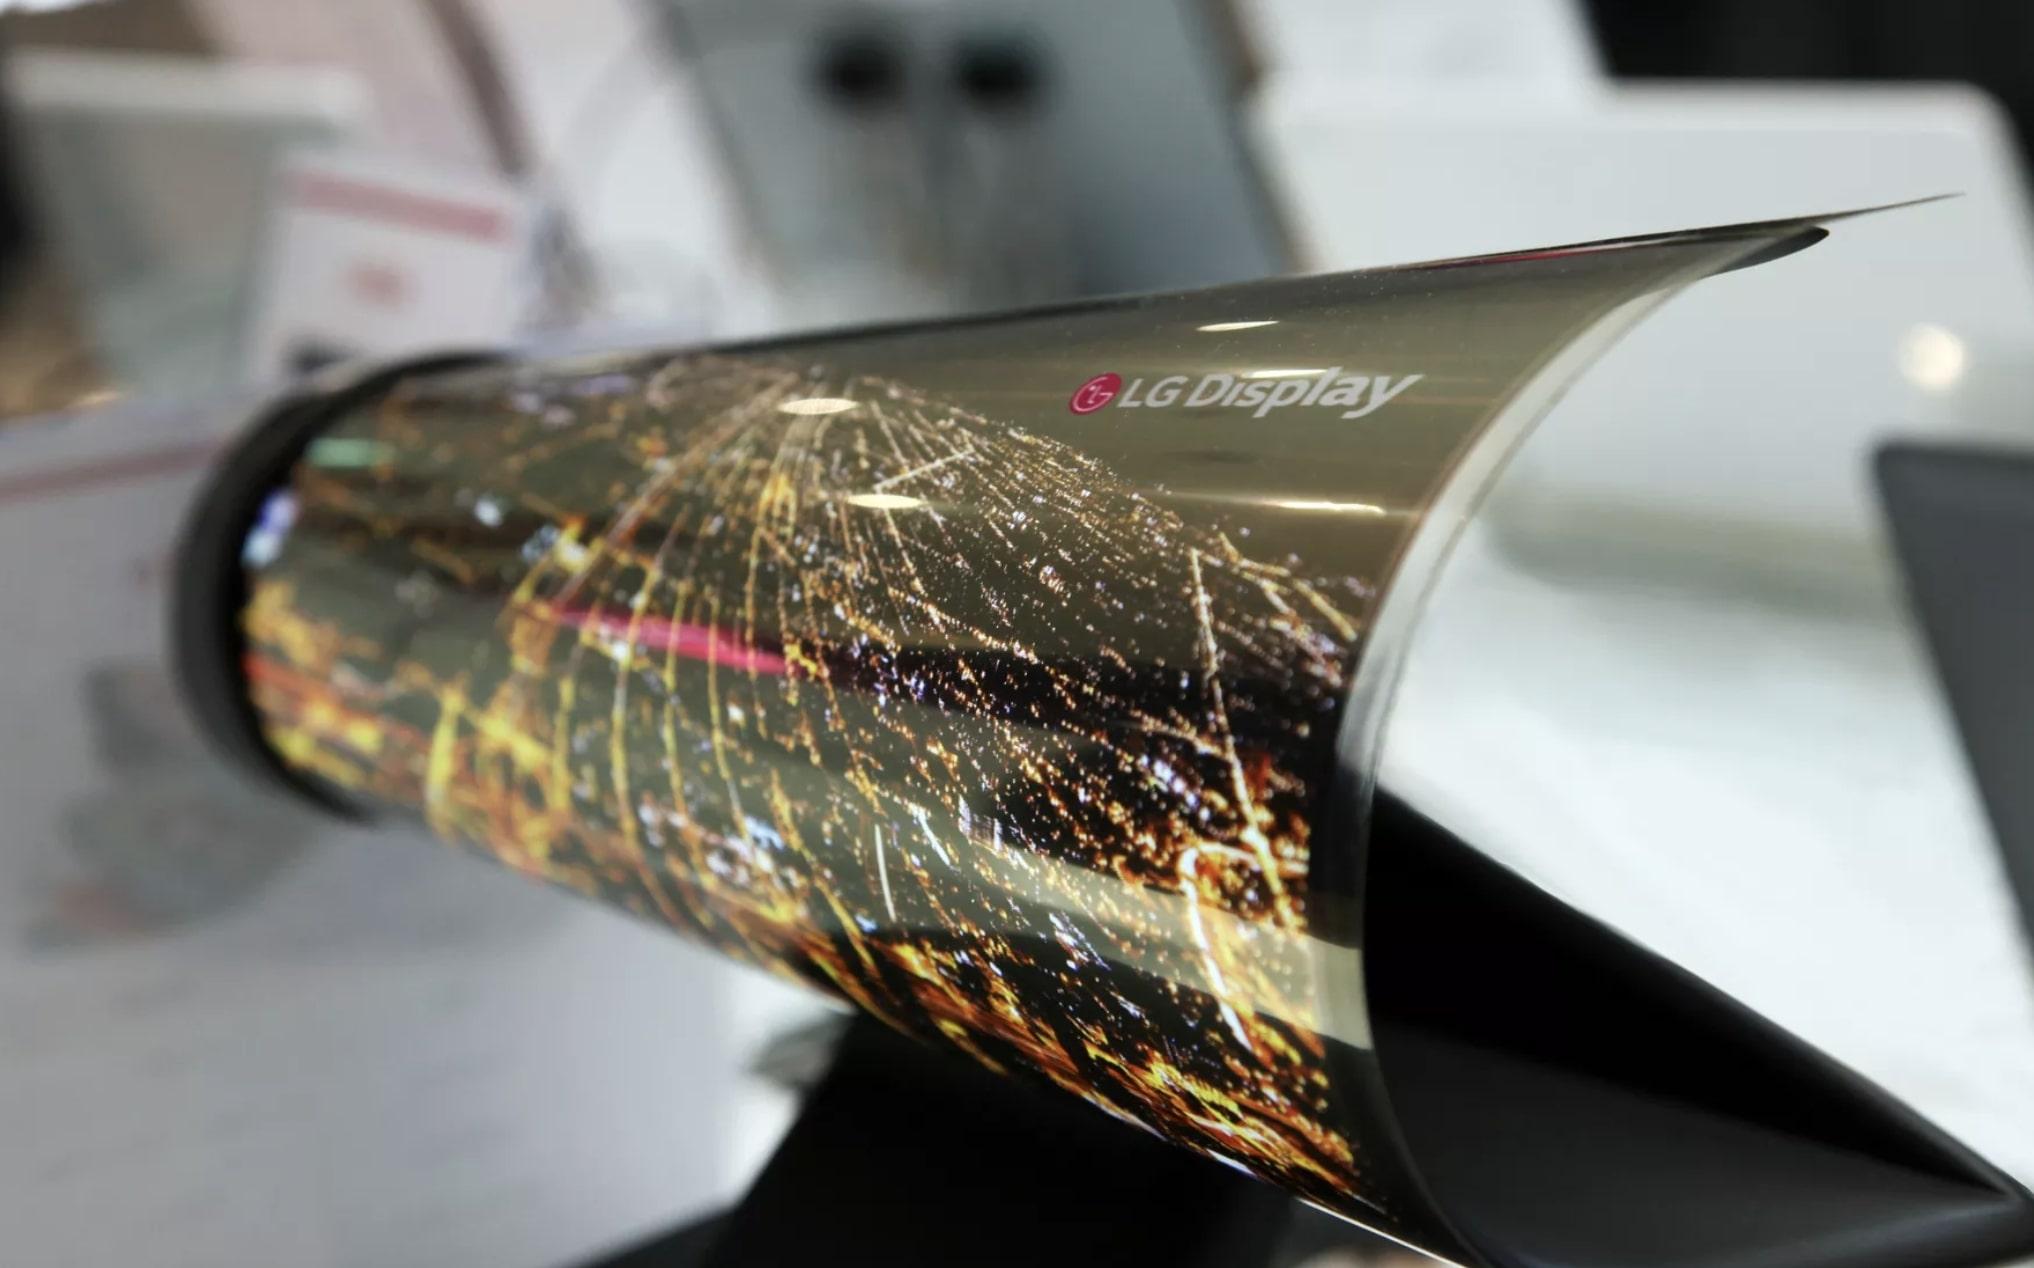 LG sitter definitivt på teknologi som muliggjør brettbare mobiltelefoner, men selskapet velger foreløpig å sitte på gjerdet.